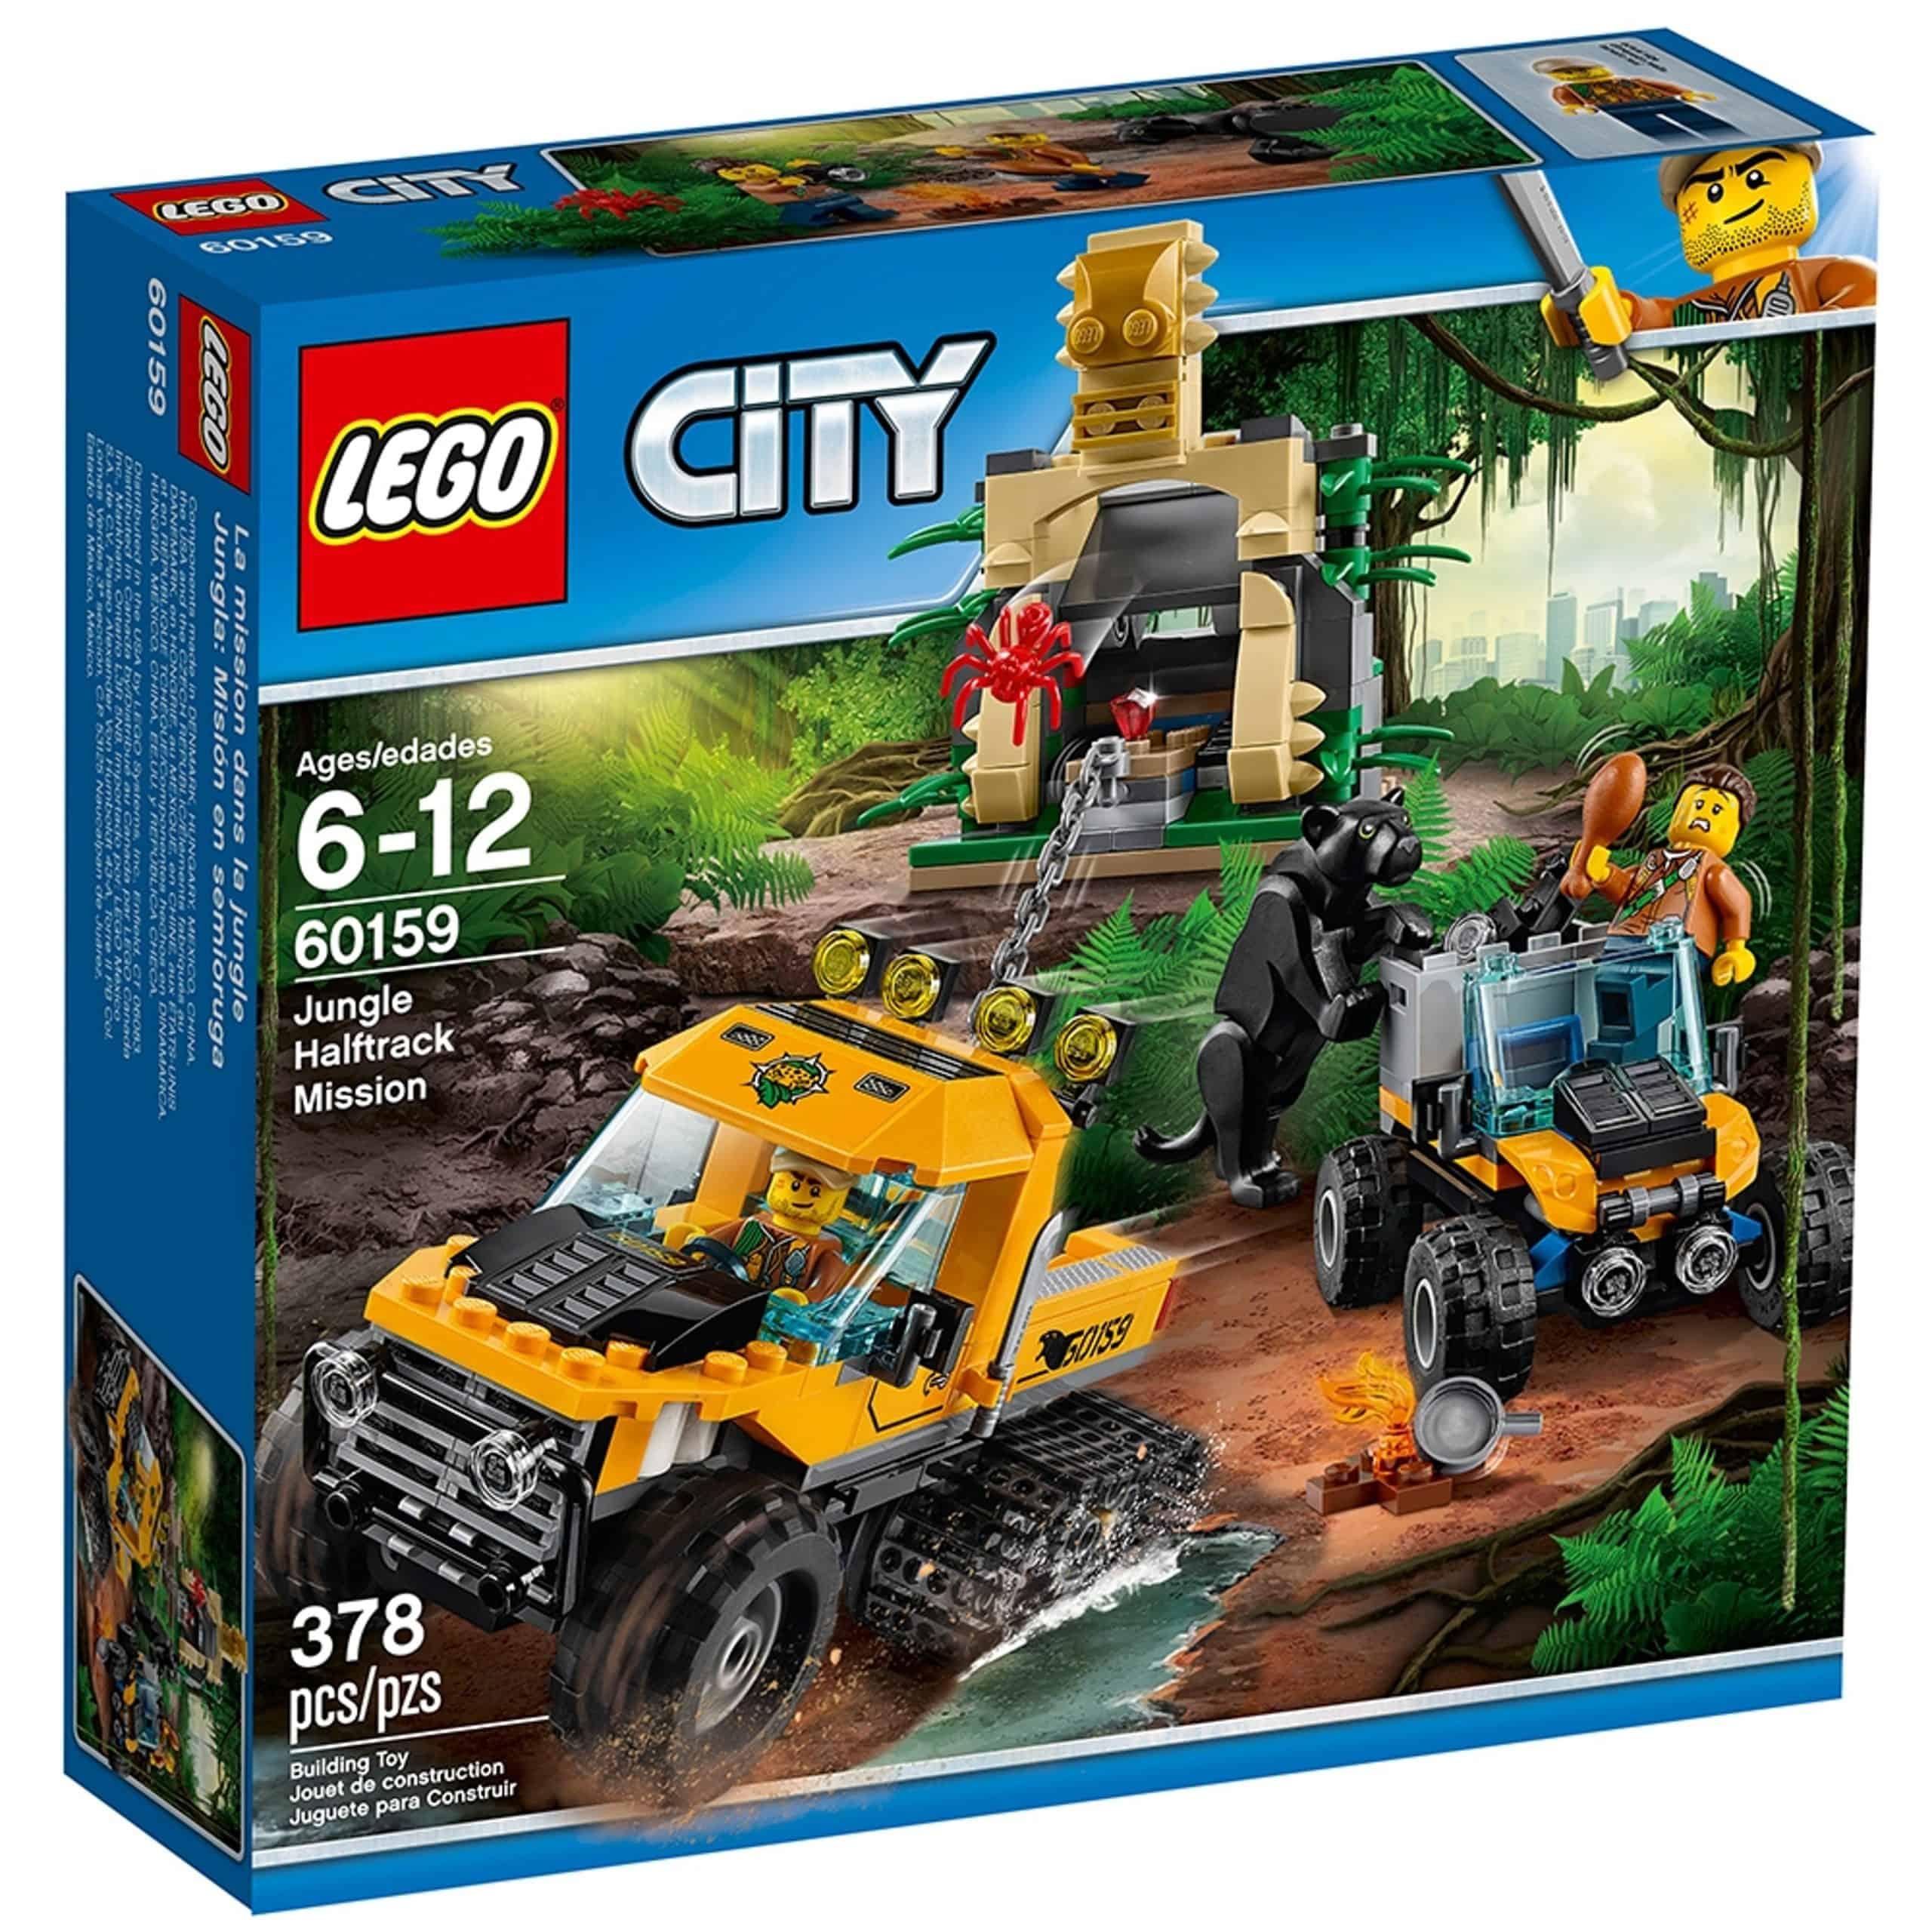 lego 60159 lexcursion dans la jungle scaled